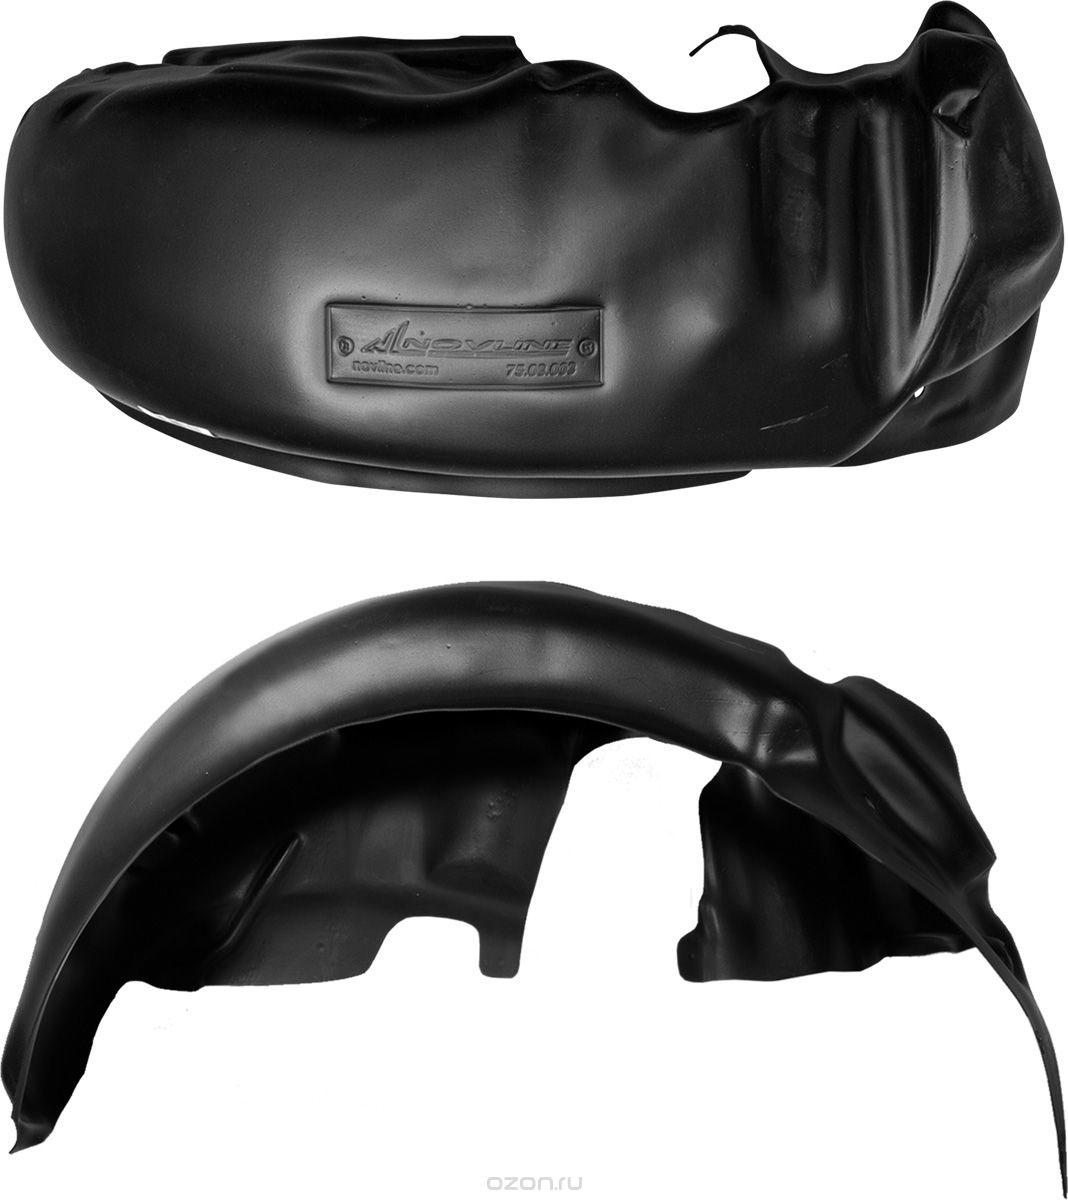 Подкрылок Novline-Autofamily, для LIFAN X50, 06/2015->, Кросс., задний левыйVCA-00Идеальная защита колесной ниши. Локеры разработаны с применением цифровых технологий, гарантируют максимальную повторяемость поверхности арки. Изделия устанавливаются без нарушения лакокрасочного покрытия автомобиля, каждый подкрылок комплектуется крепежом. Уважаемые клиенты, обращаем ваше внимание, что фотографии на подкрылки универсальные и не отражают реальную форму изделия. При этом само изделие идет точно под размер указанного автомобиля.